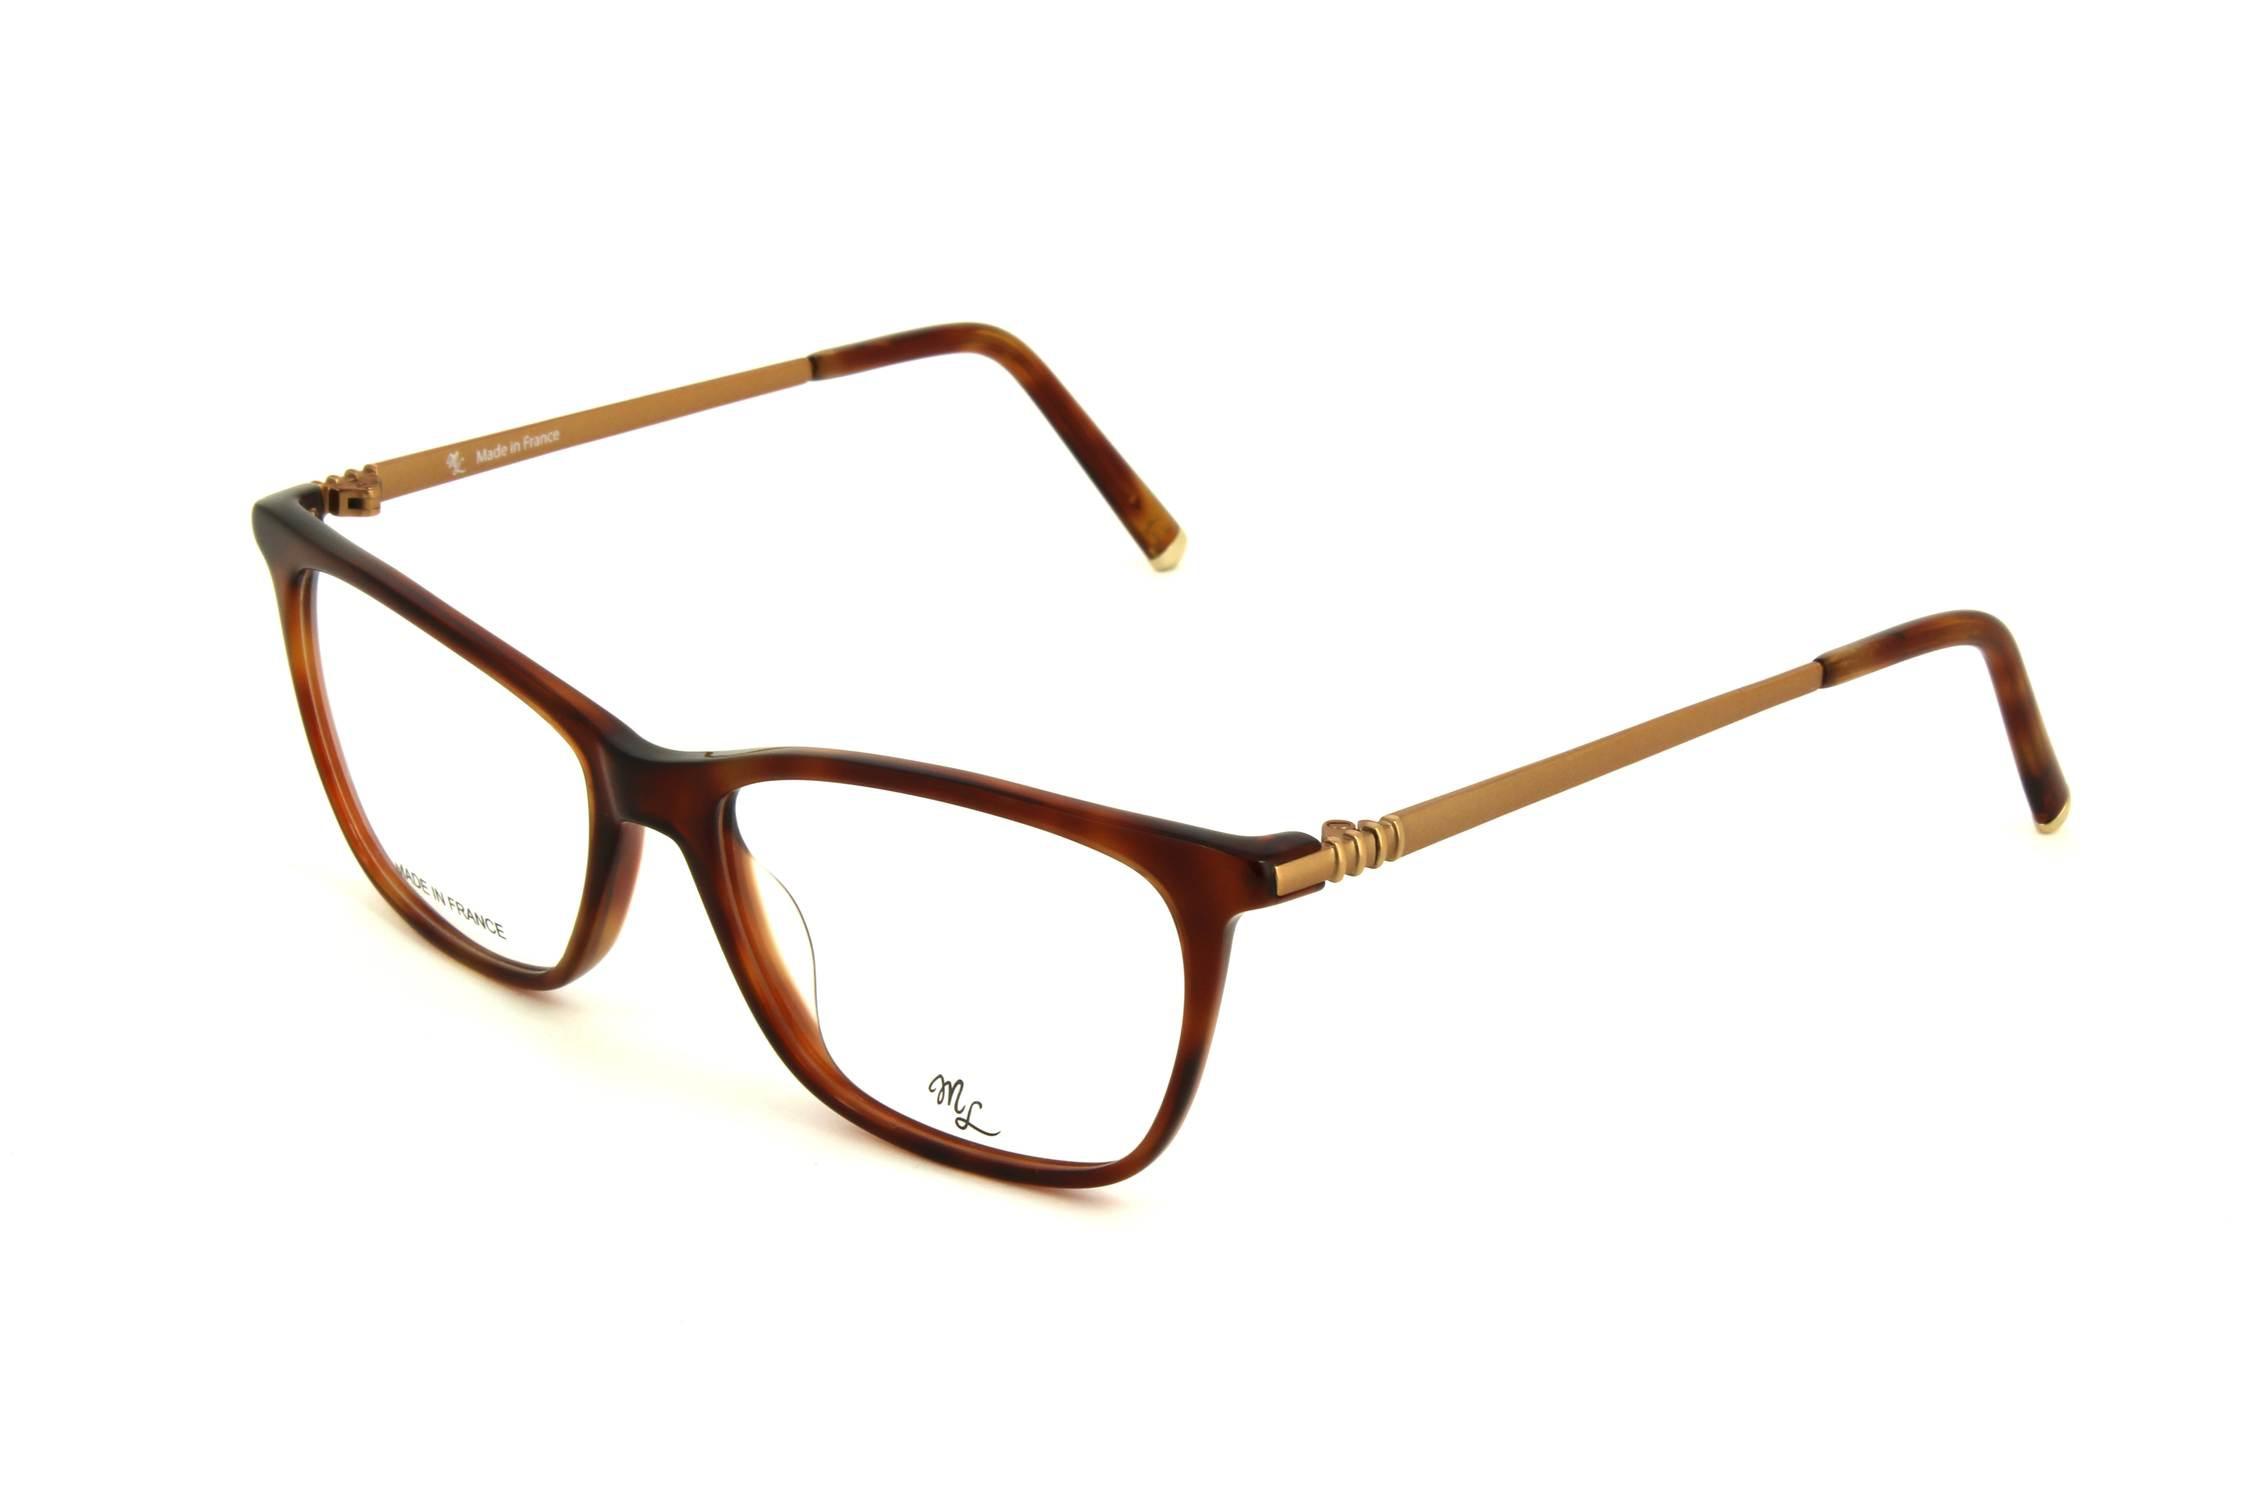 Qui porte des lunettes progressives?